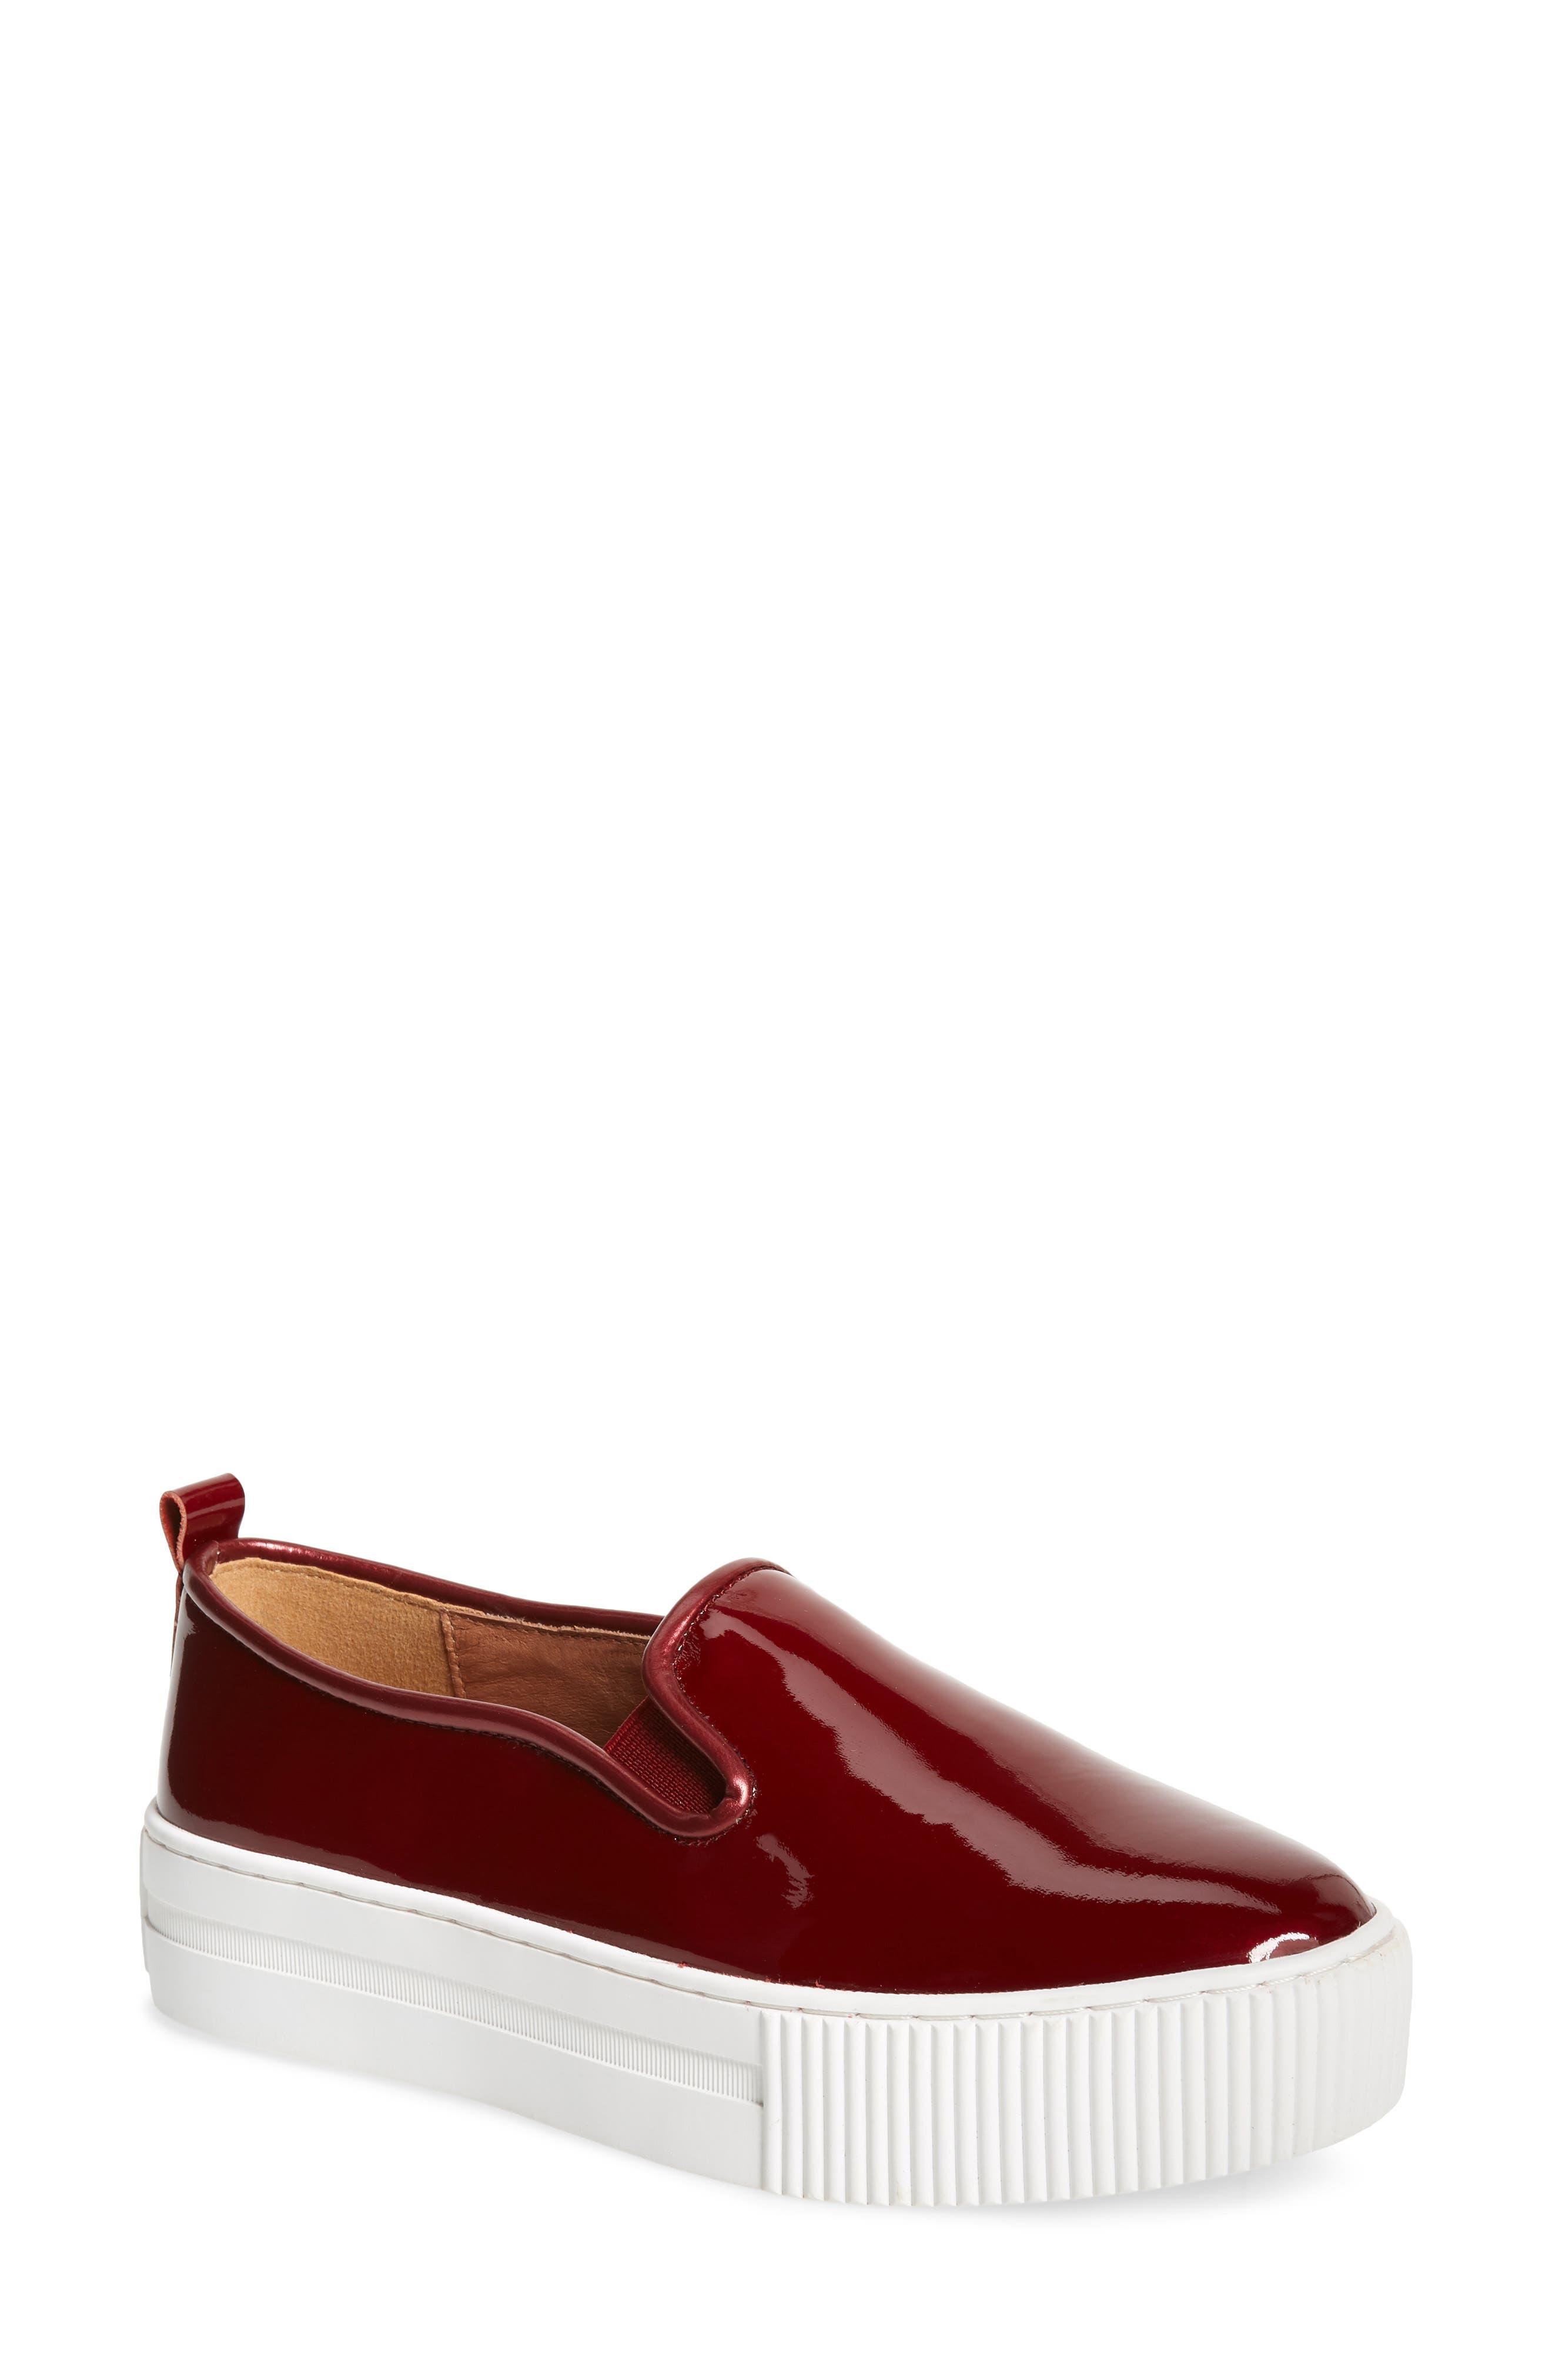 Baylee Platform Slip-On Sneaker,                         Main,                         color, 930